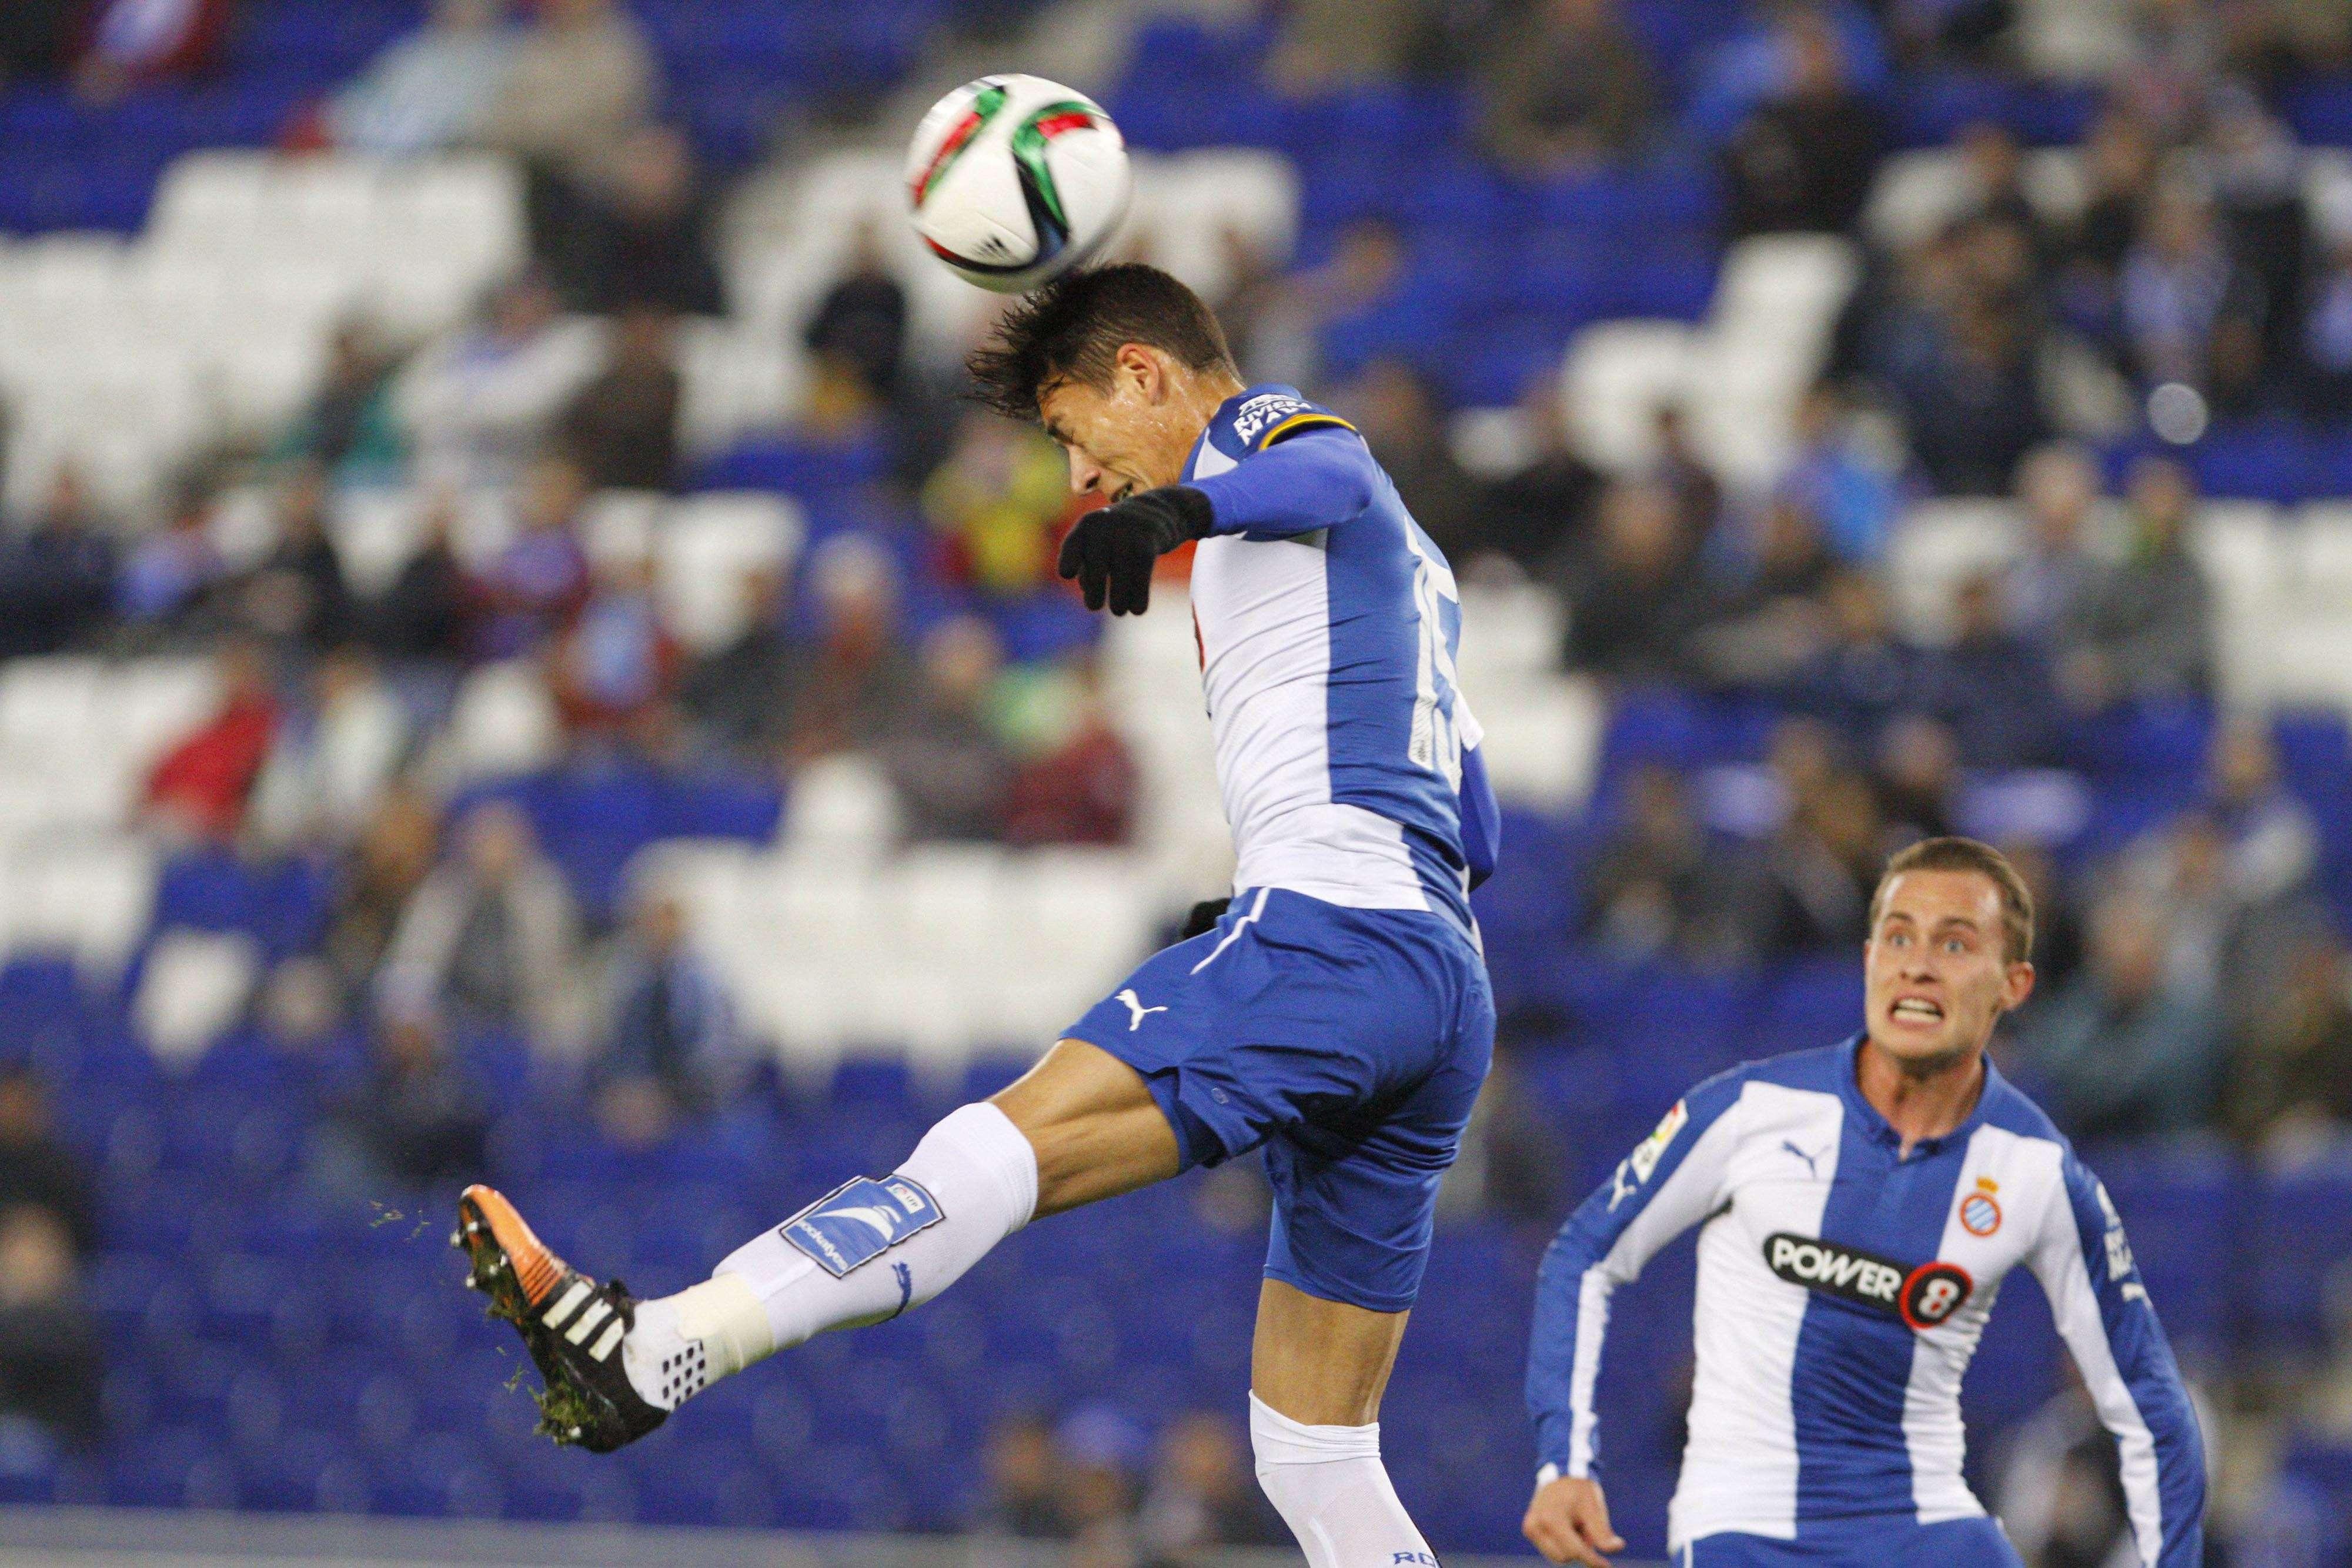 Moreno sacó todo lo que enviaba el ataque del Alavés. Foto: Mexsport